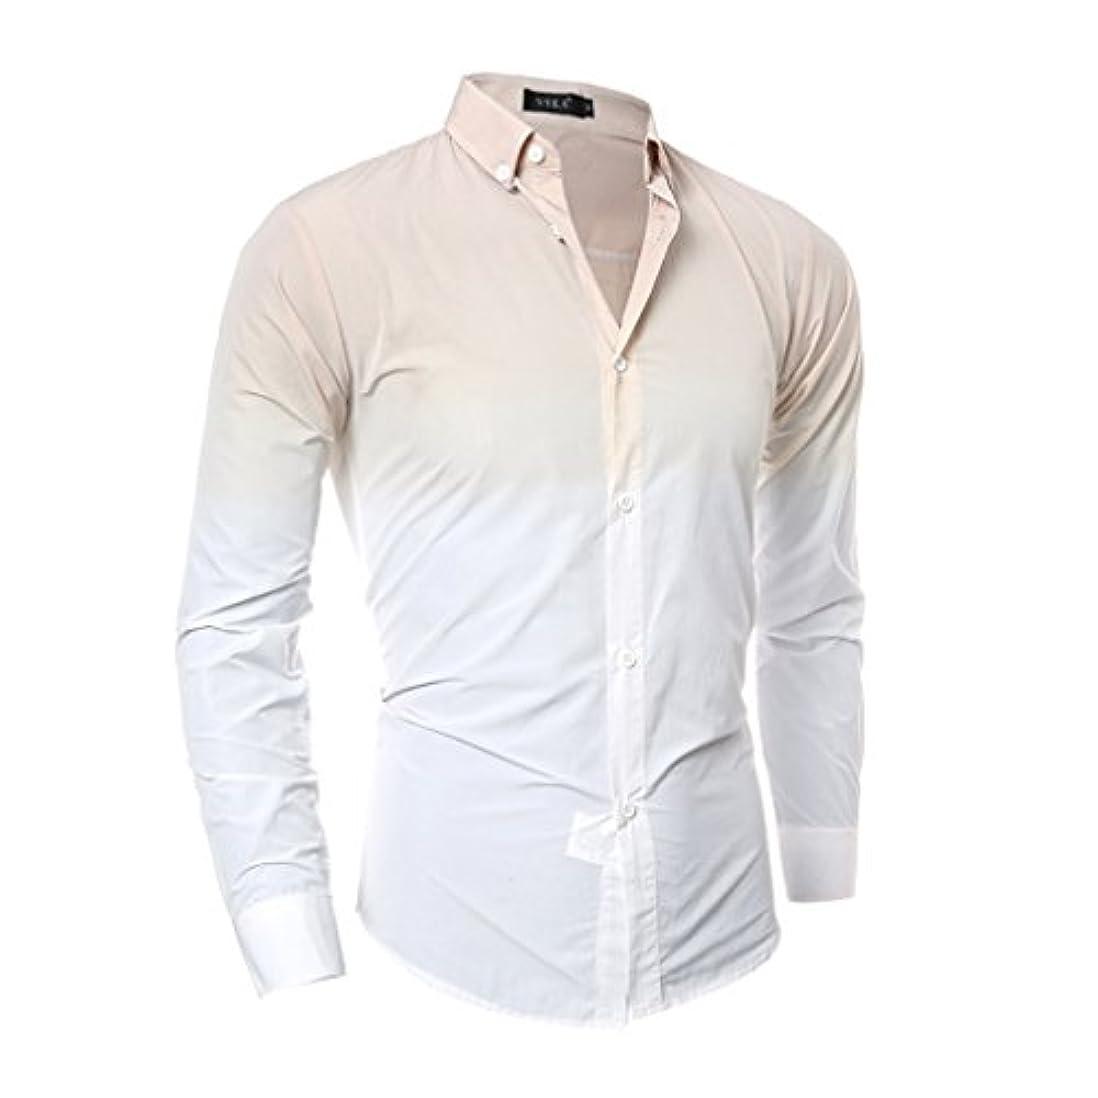 繰り返したクラシカルほのかHonghu メンズ シャツ 長袖 グラデーション カジュアル スリム  イエロー M 1PC